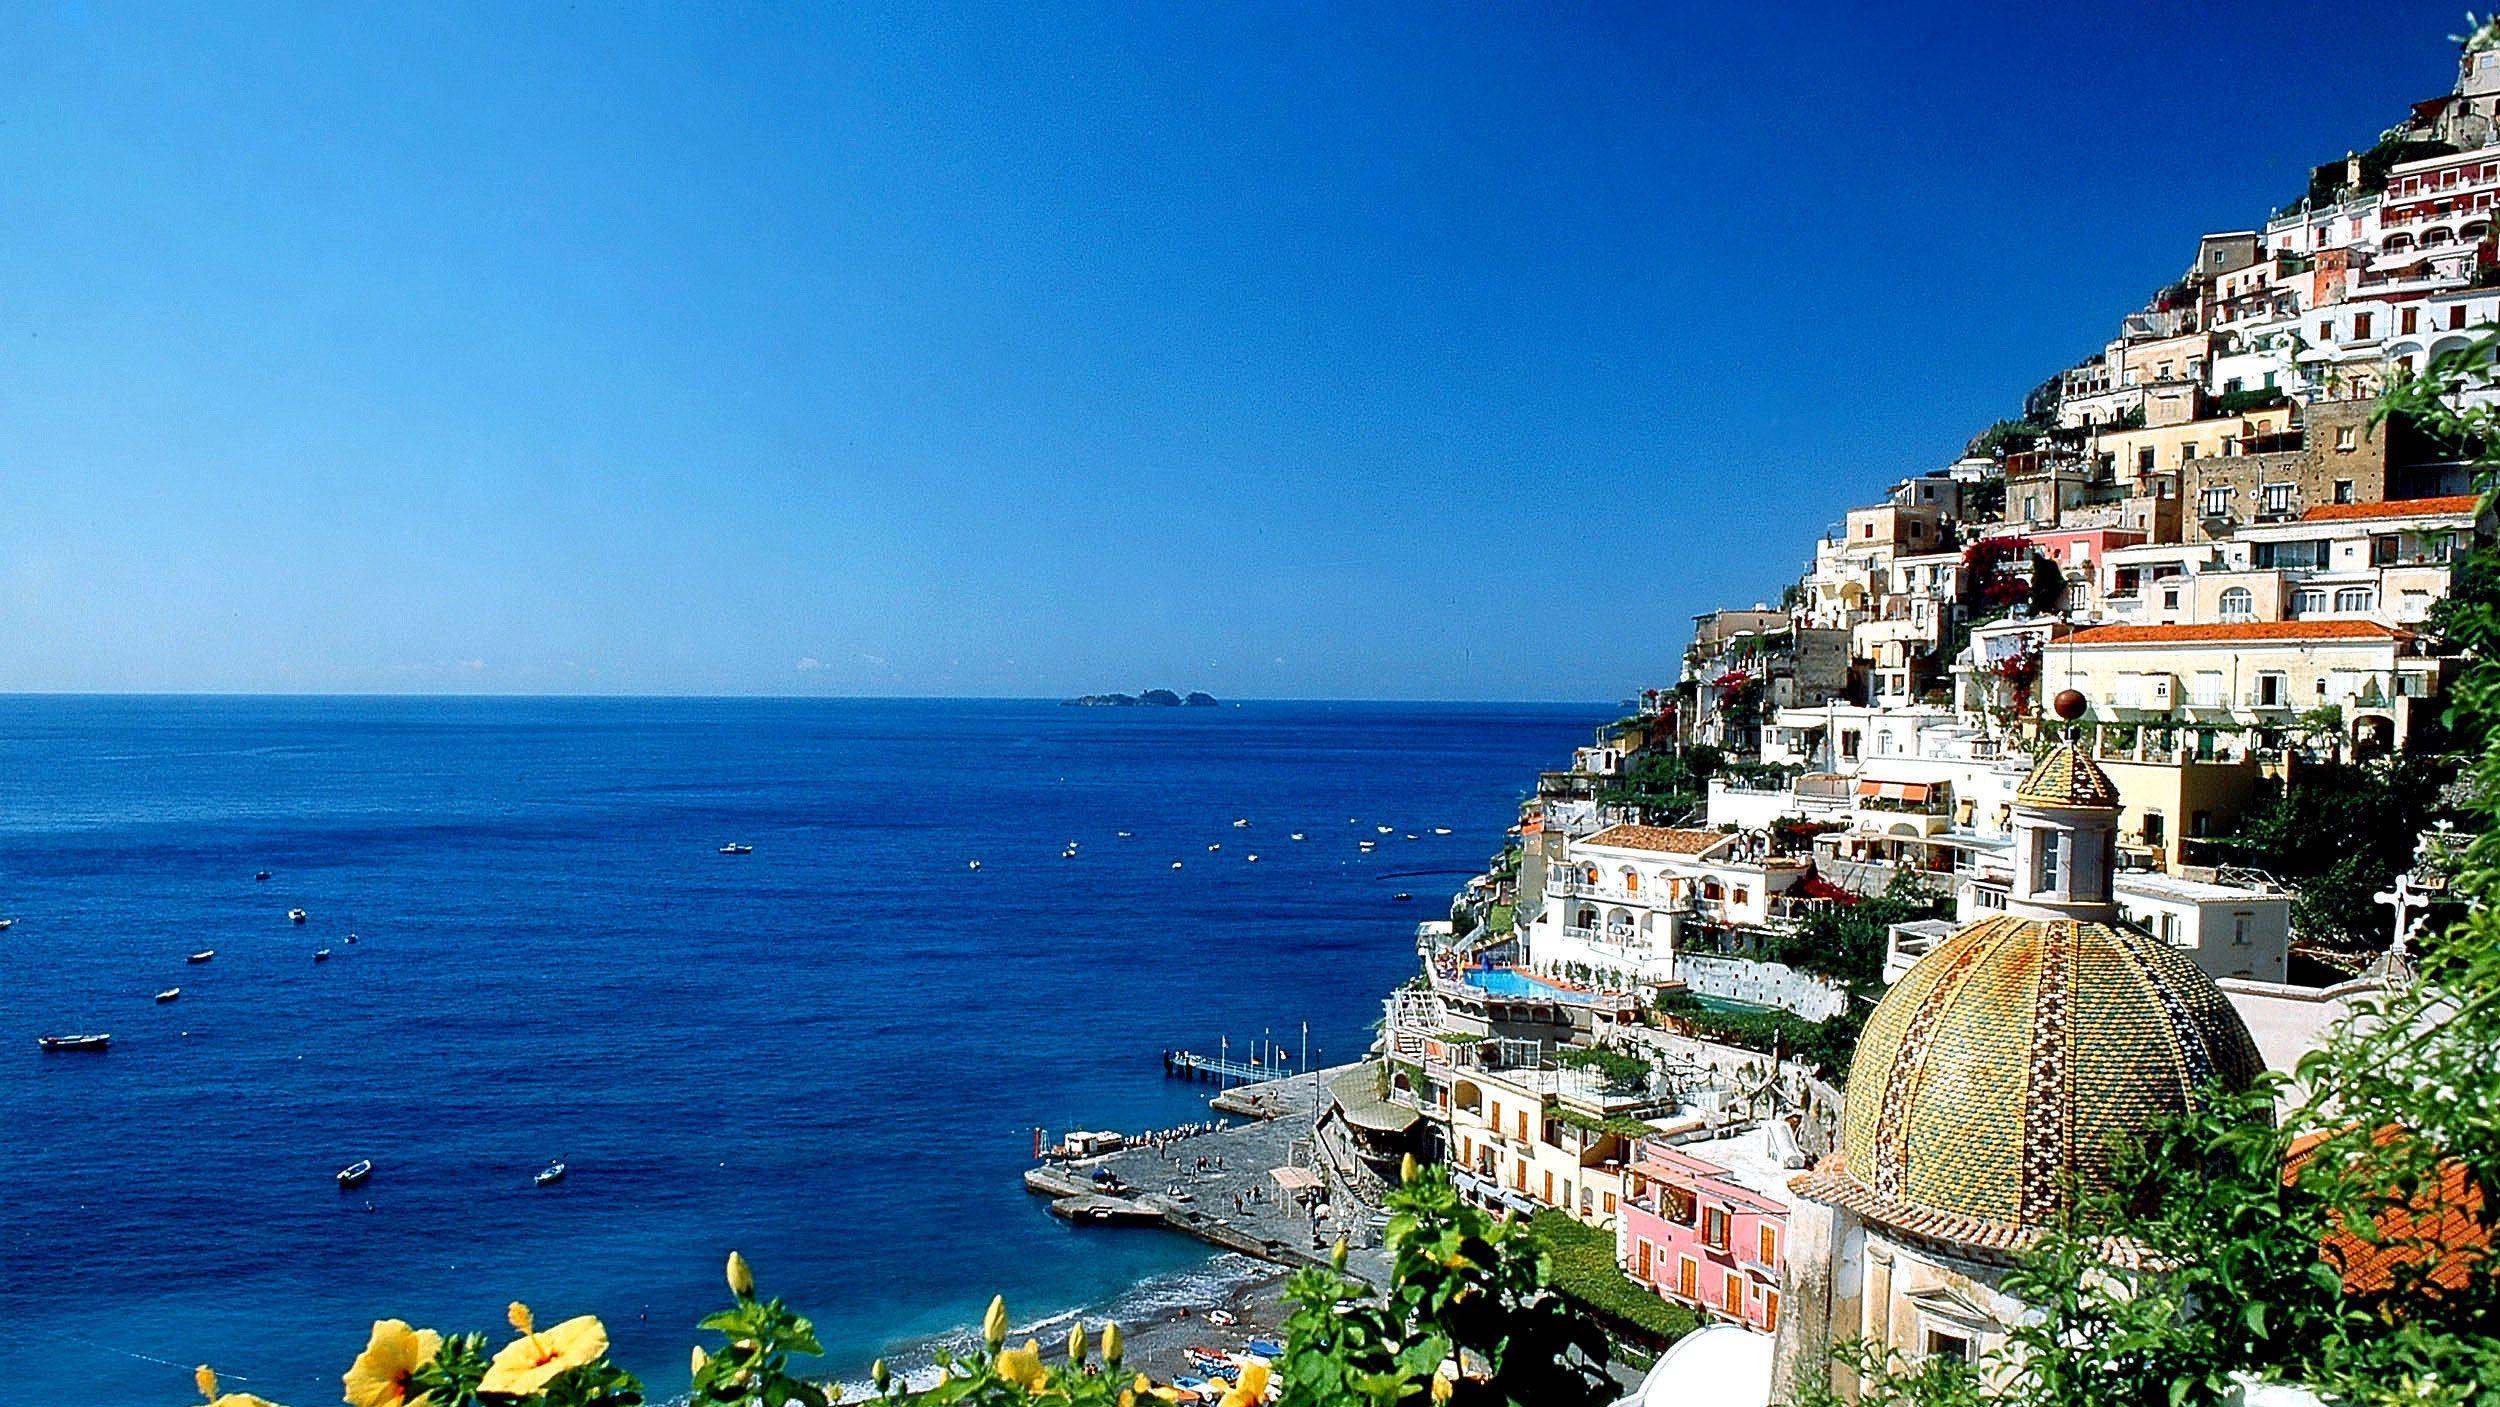 Peering past buildings at the Amalfi coast